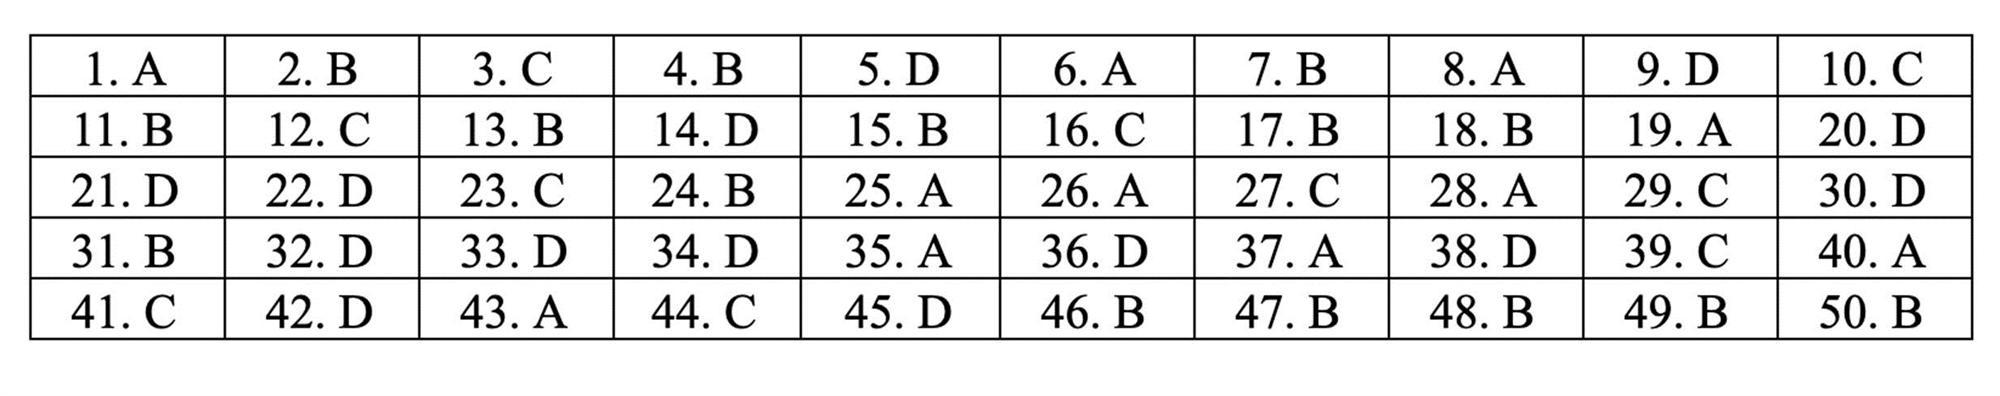 Đáp án tham khảo môn Toán thi THPT quốc gia 2019 tất cả mã đề-16